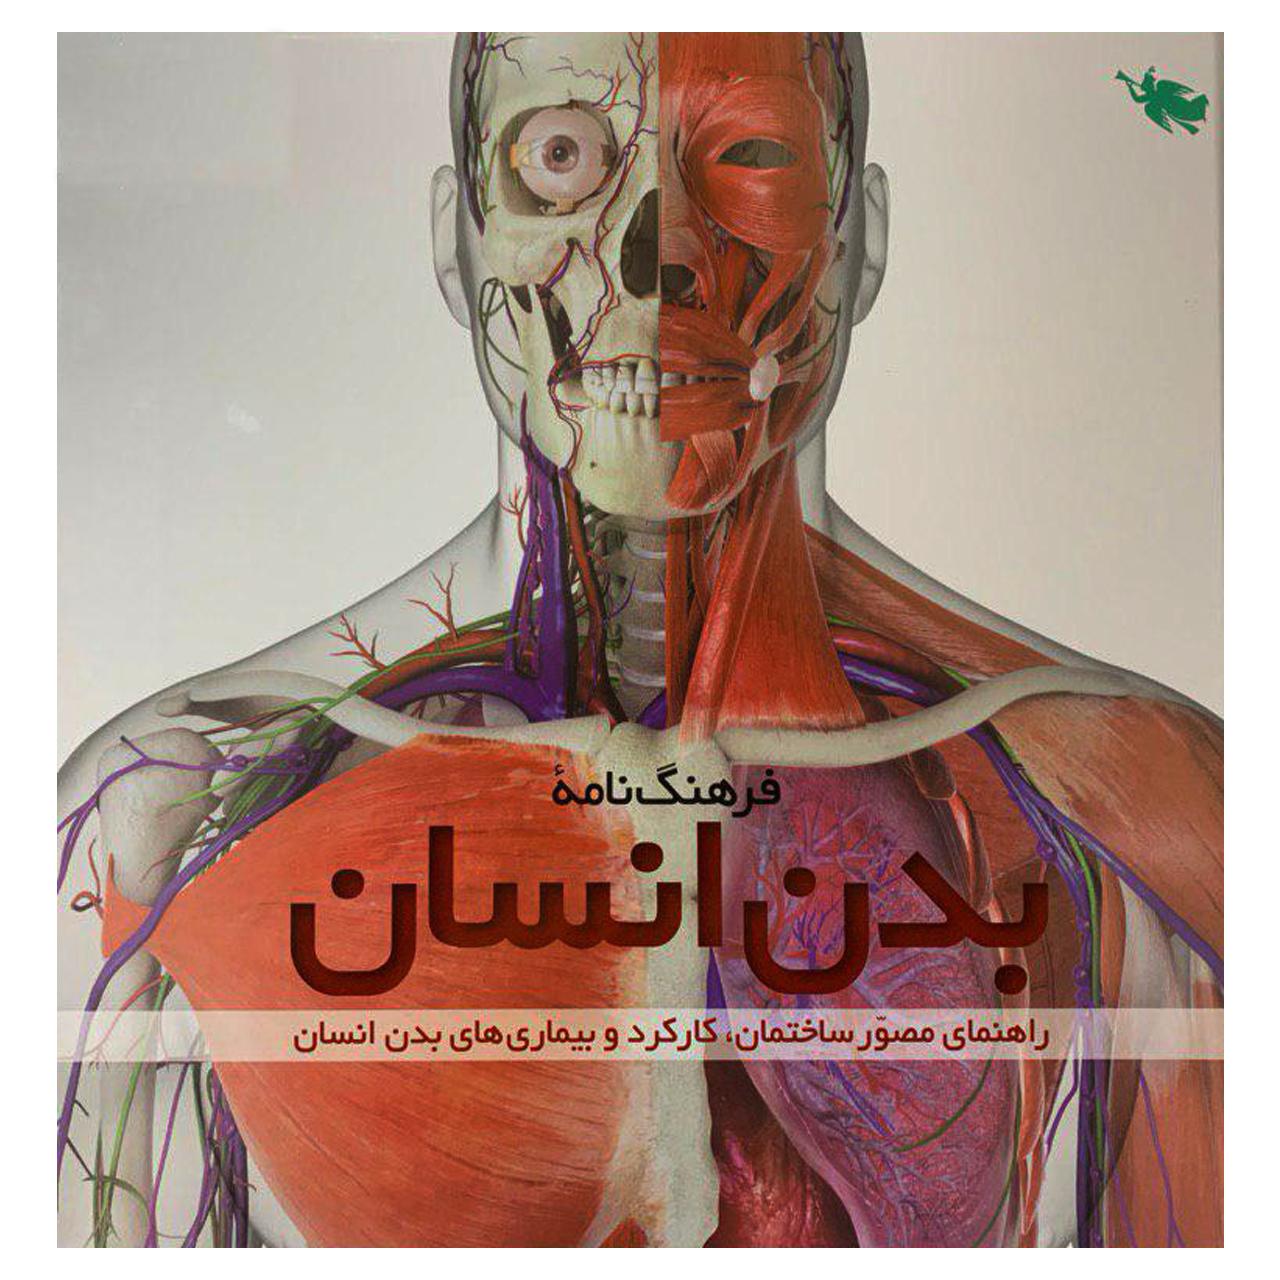 کتاب فرهنگنامه بدن انسان اثر استیو پارکر نشر طلایی